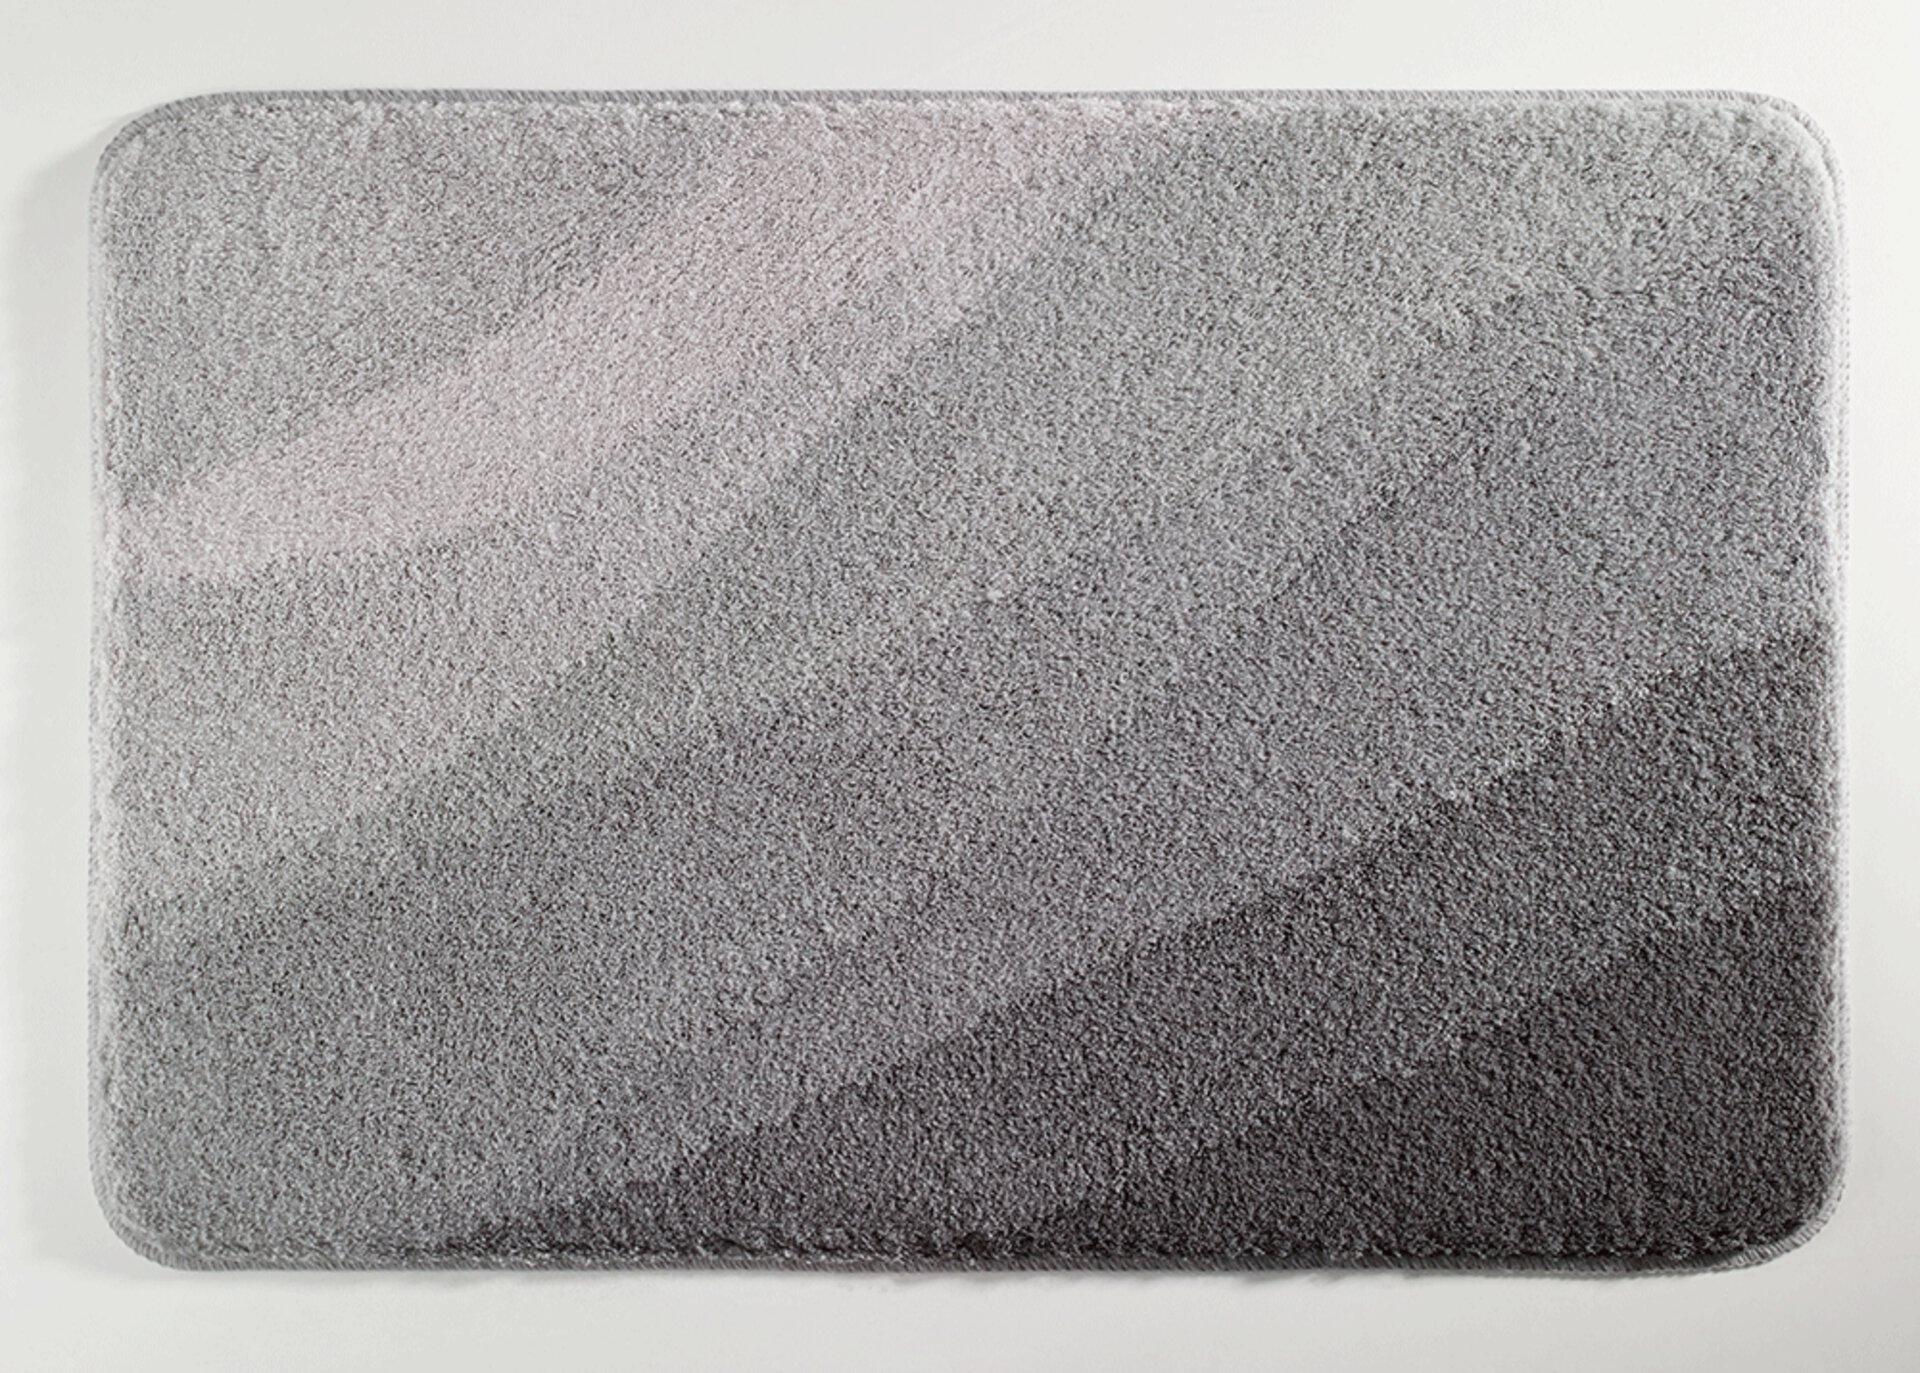 Badteppich Melodie Kleine Wolke Textil grau